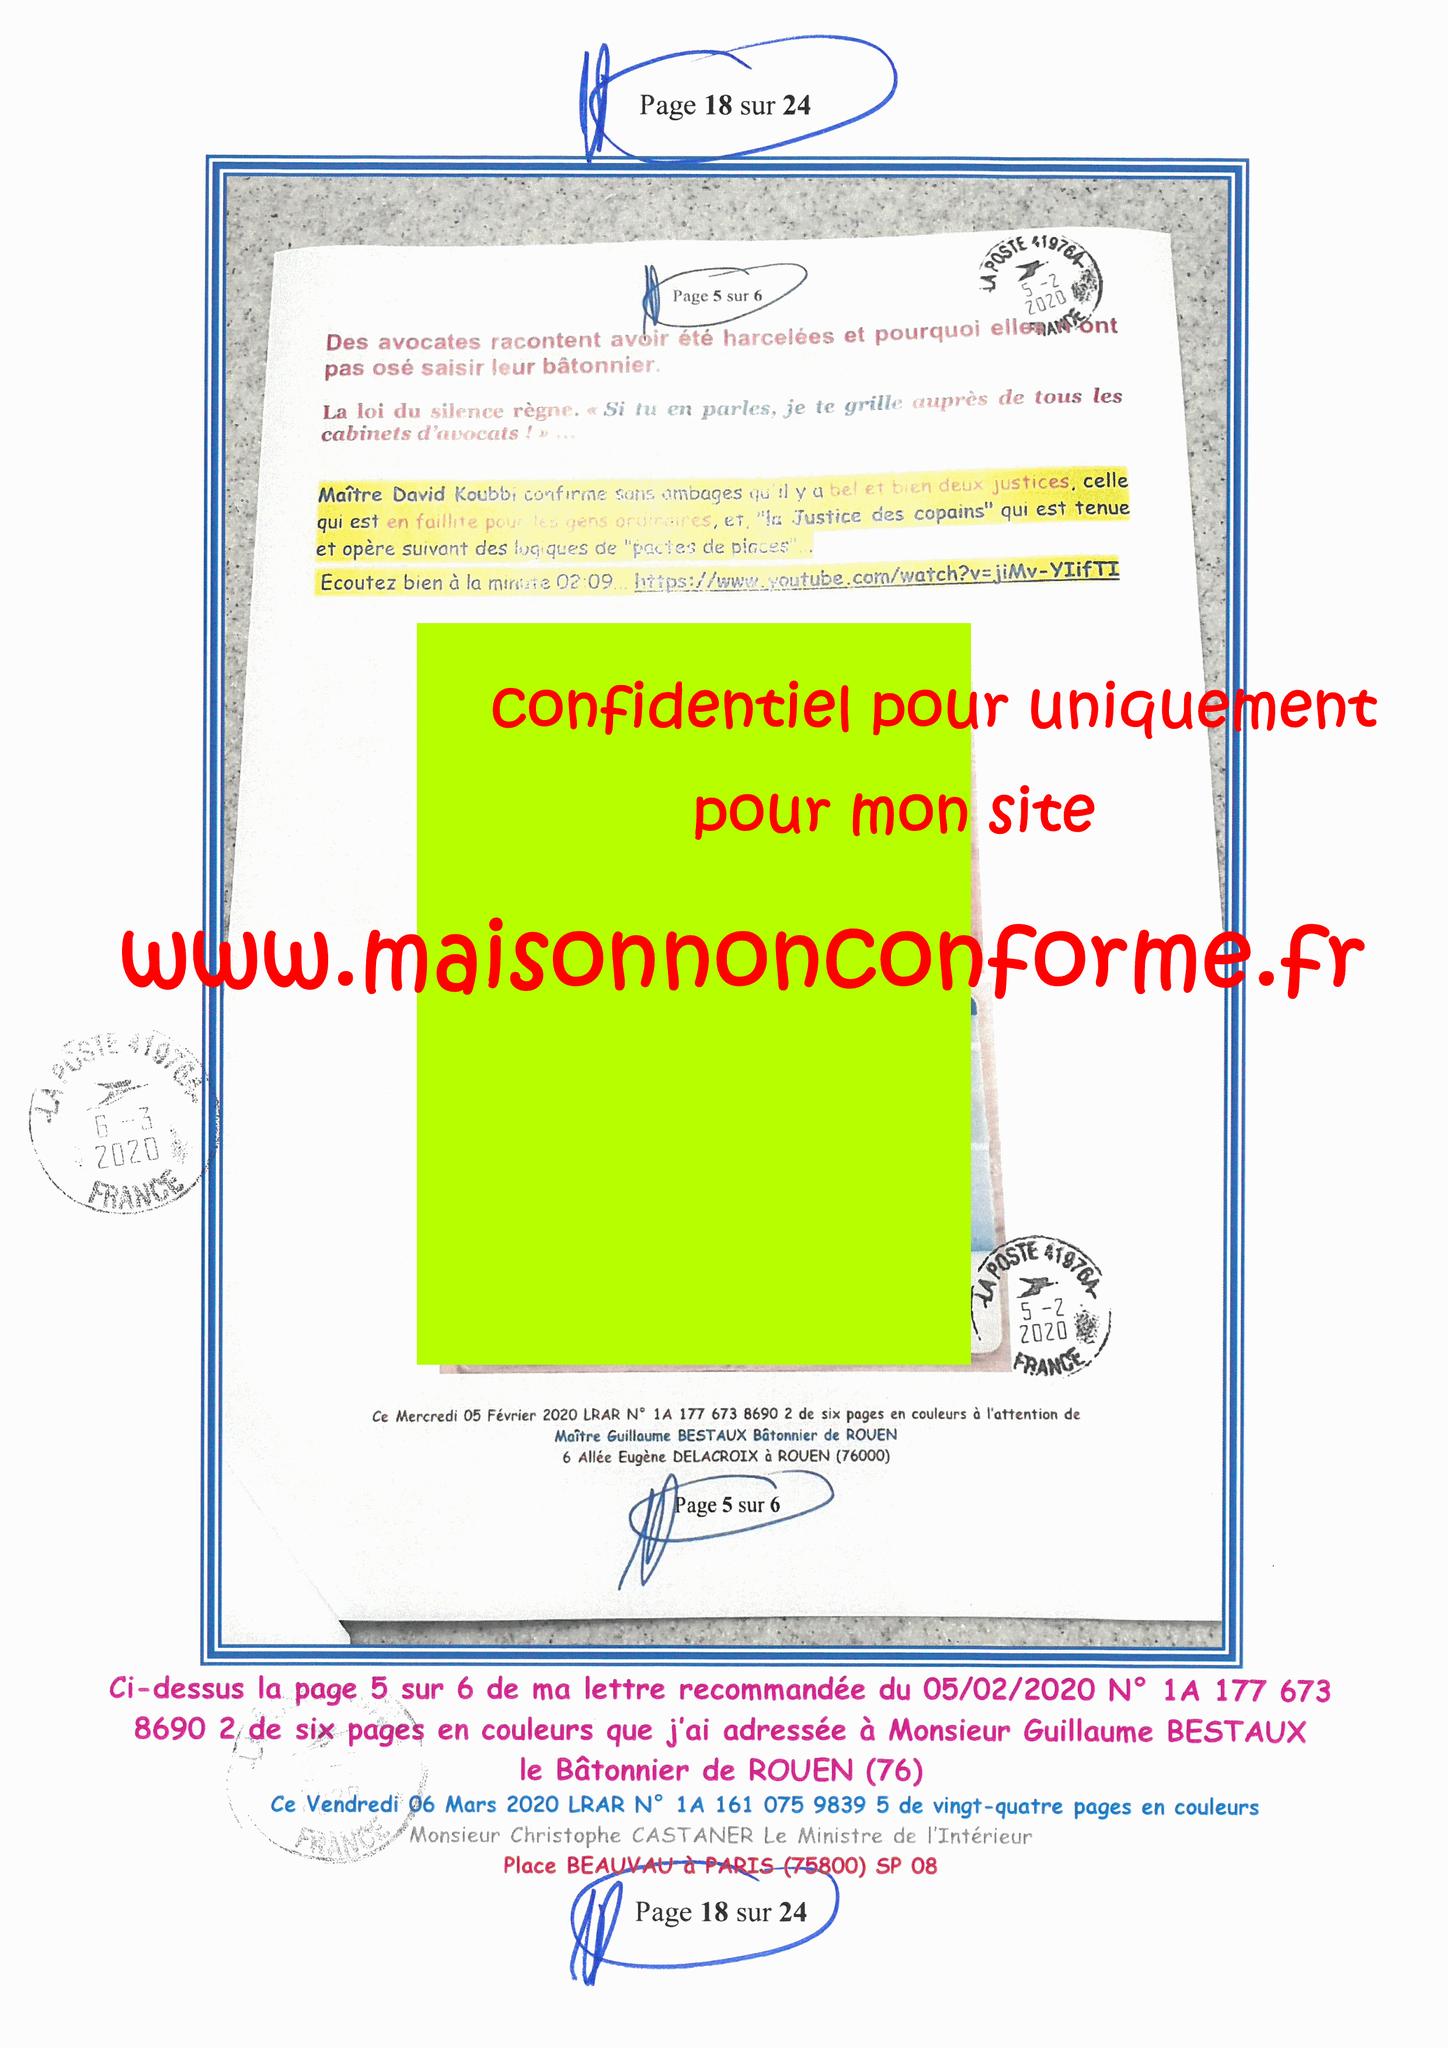 Ma LRAR à Monsieur le Ministre de l'Intérieur Christophe CASTANER N°1A 161 075 9839 5  Page 18 sur 24 en couleur du 06 Mars 2020  www.jesuispatrick.fr www.jesuisvictime.fr www.alerte-rouge-france.fr